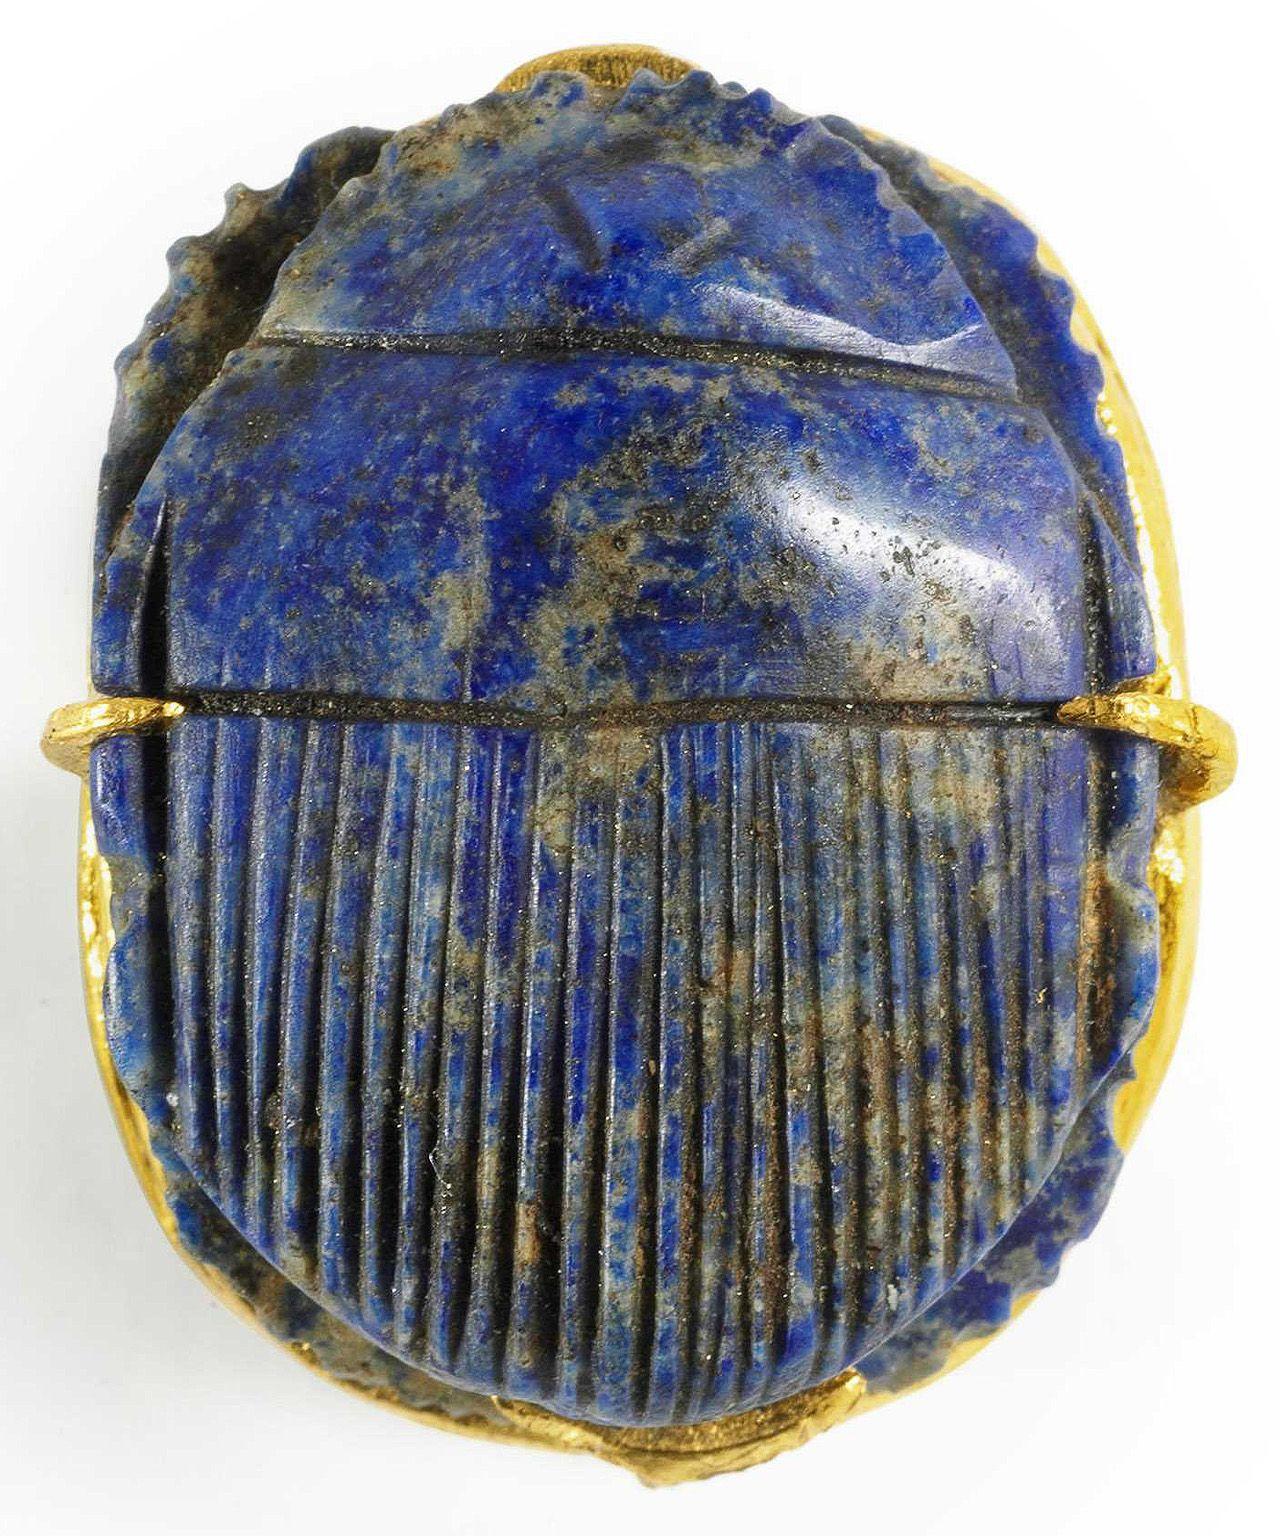 Lapis lazuli amuleto . Egipto, circa 500 AD.